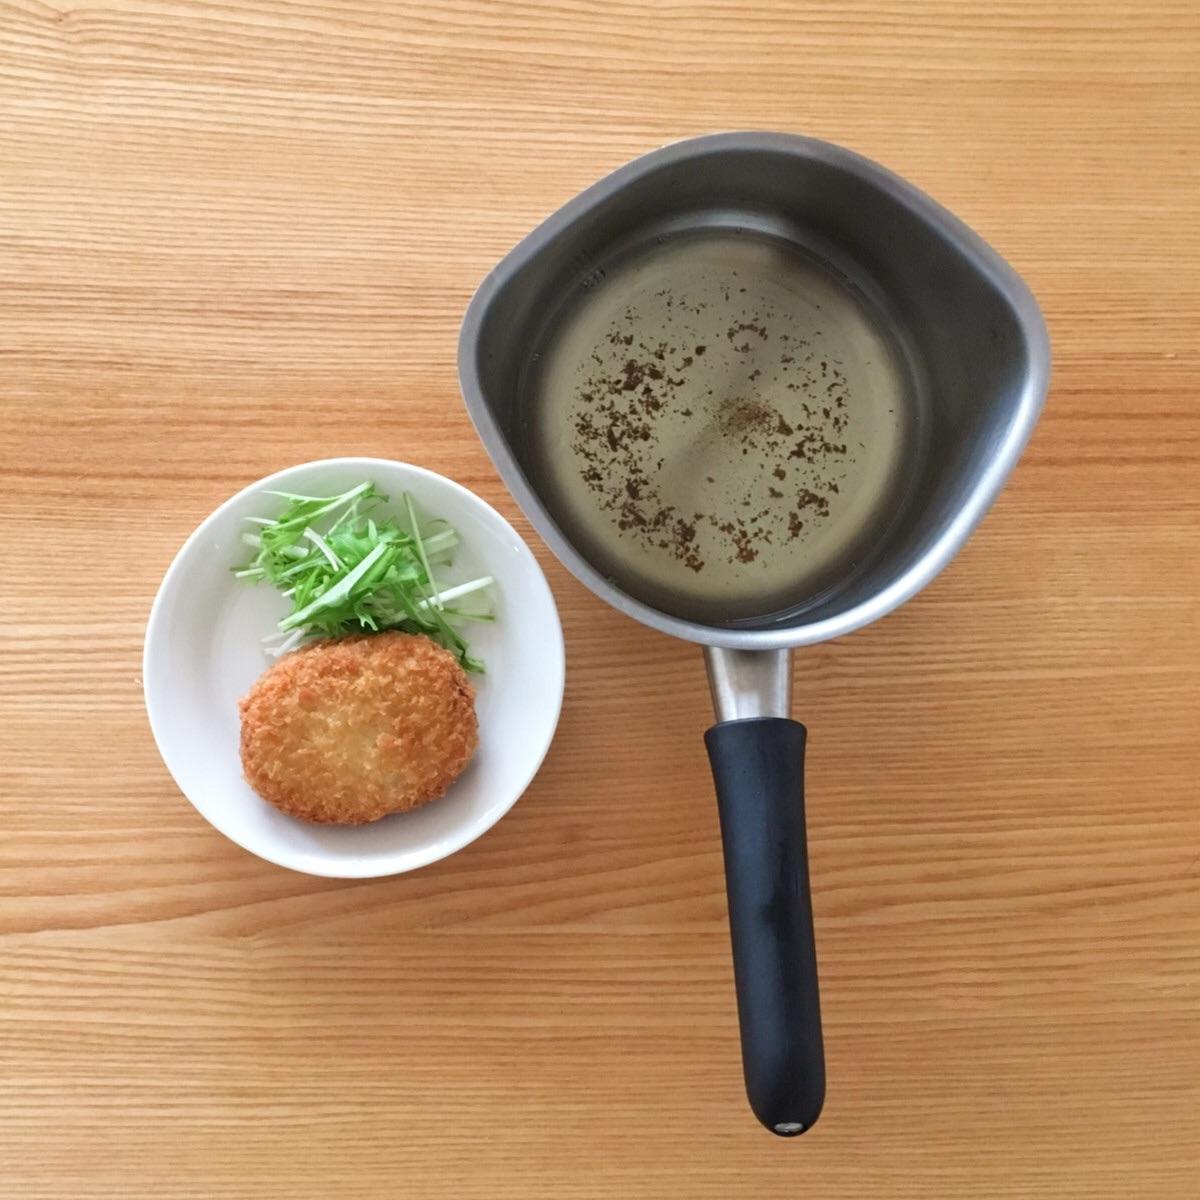 ステンレスの鍋で揚げ物ができる